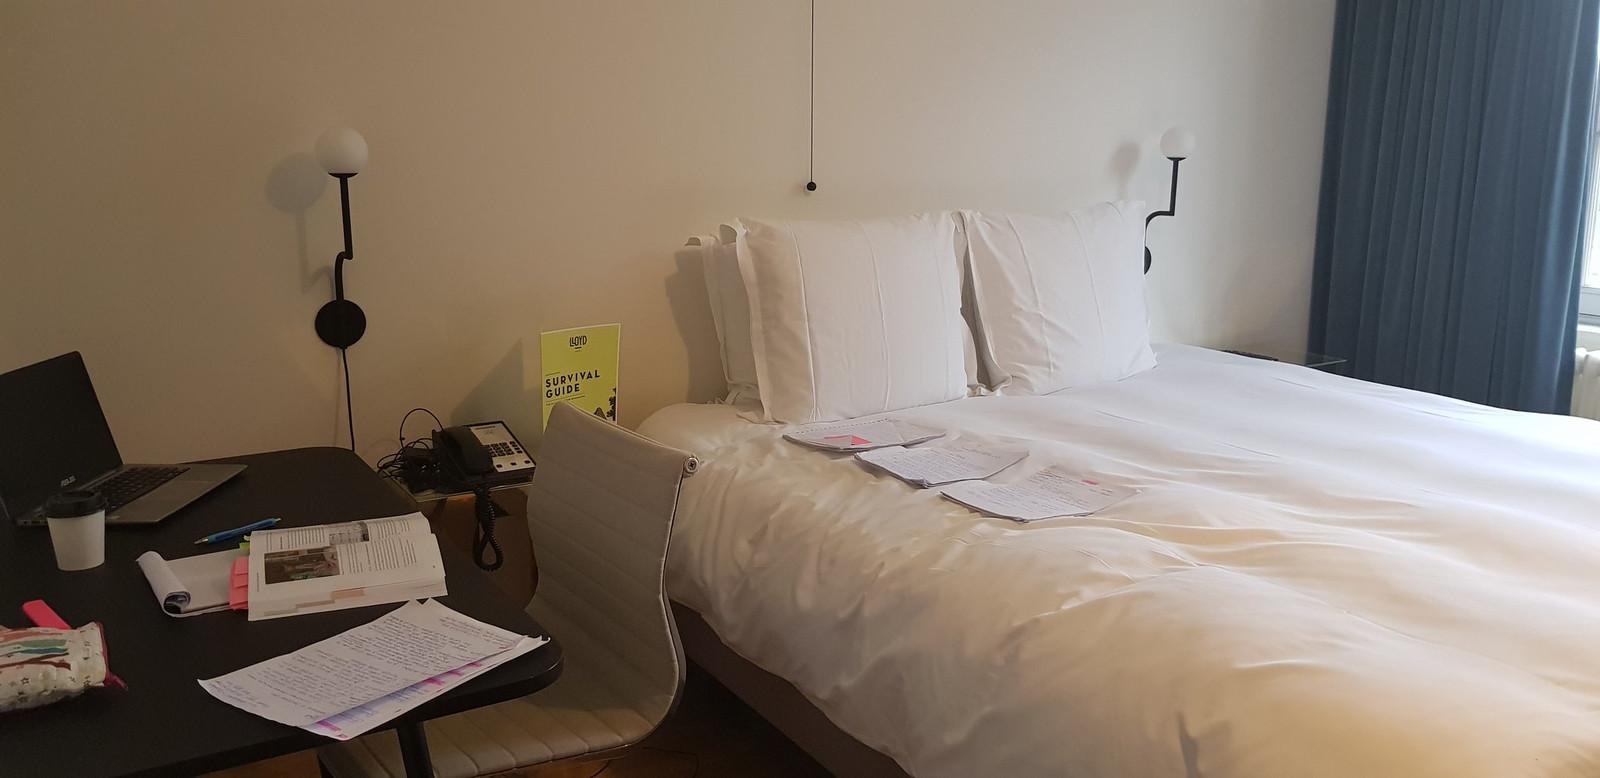 De hotelkamer van Annemarie.